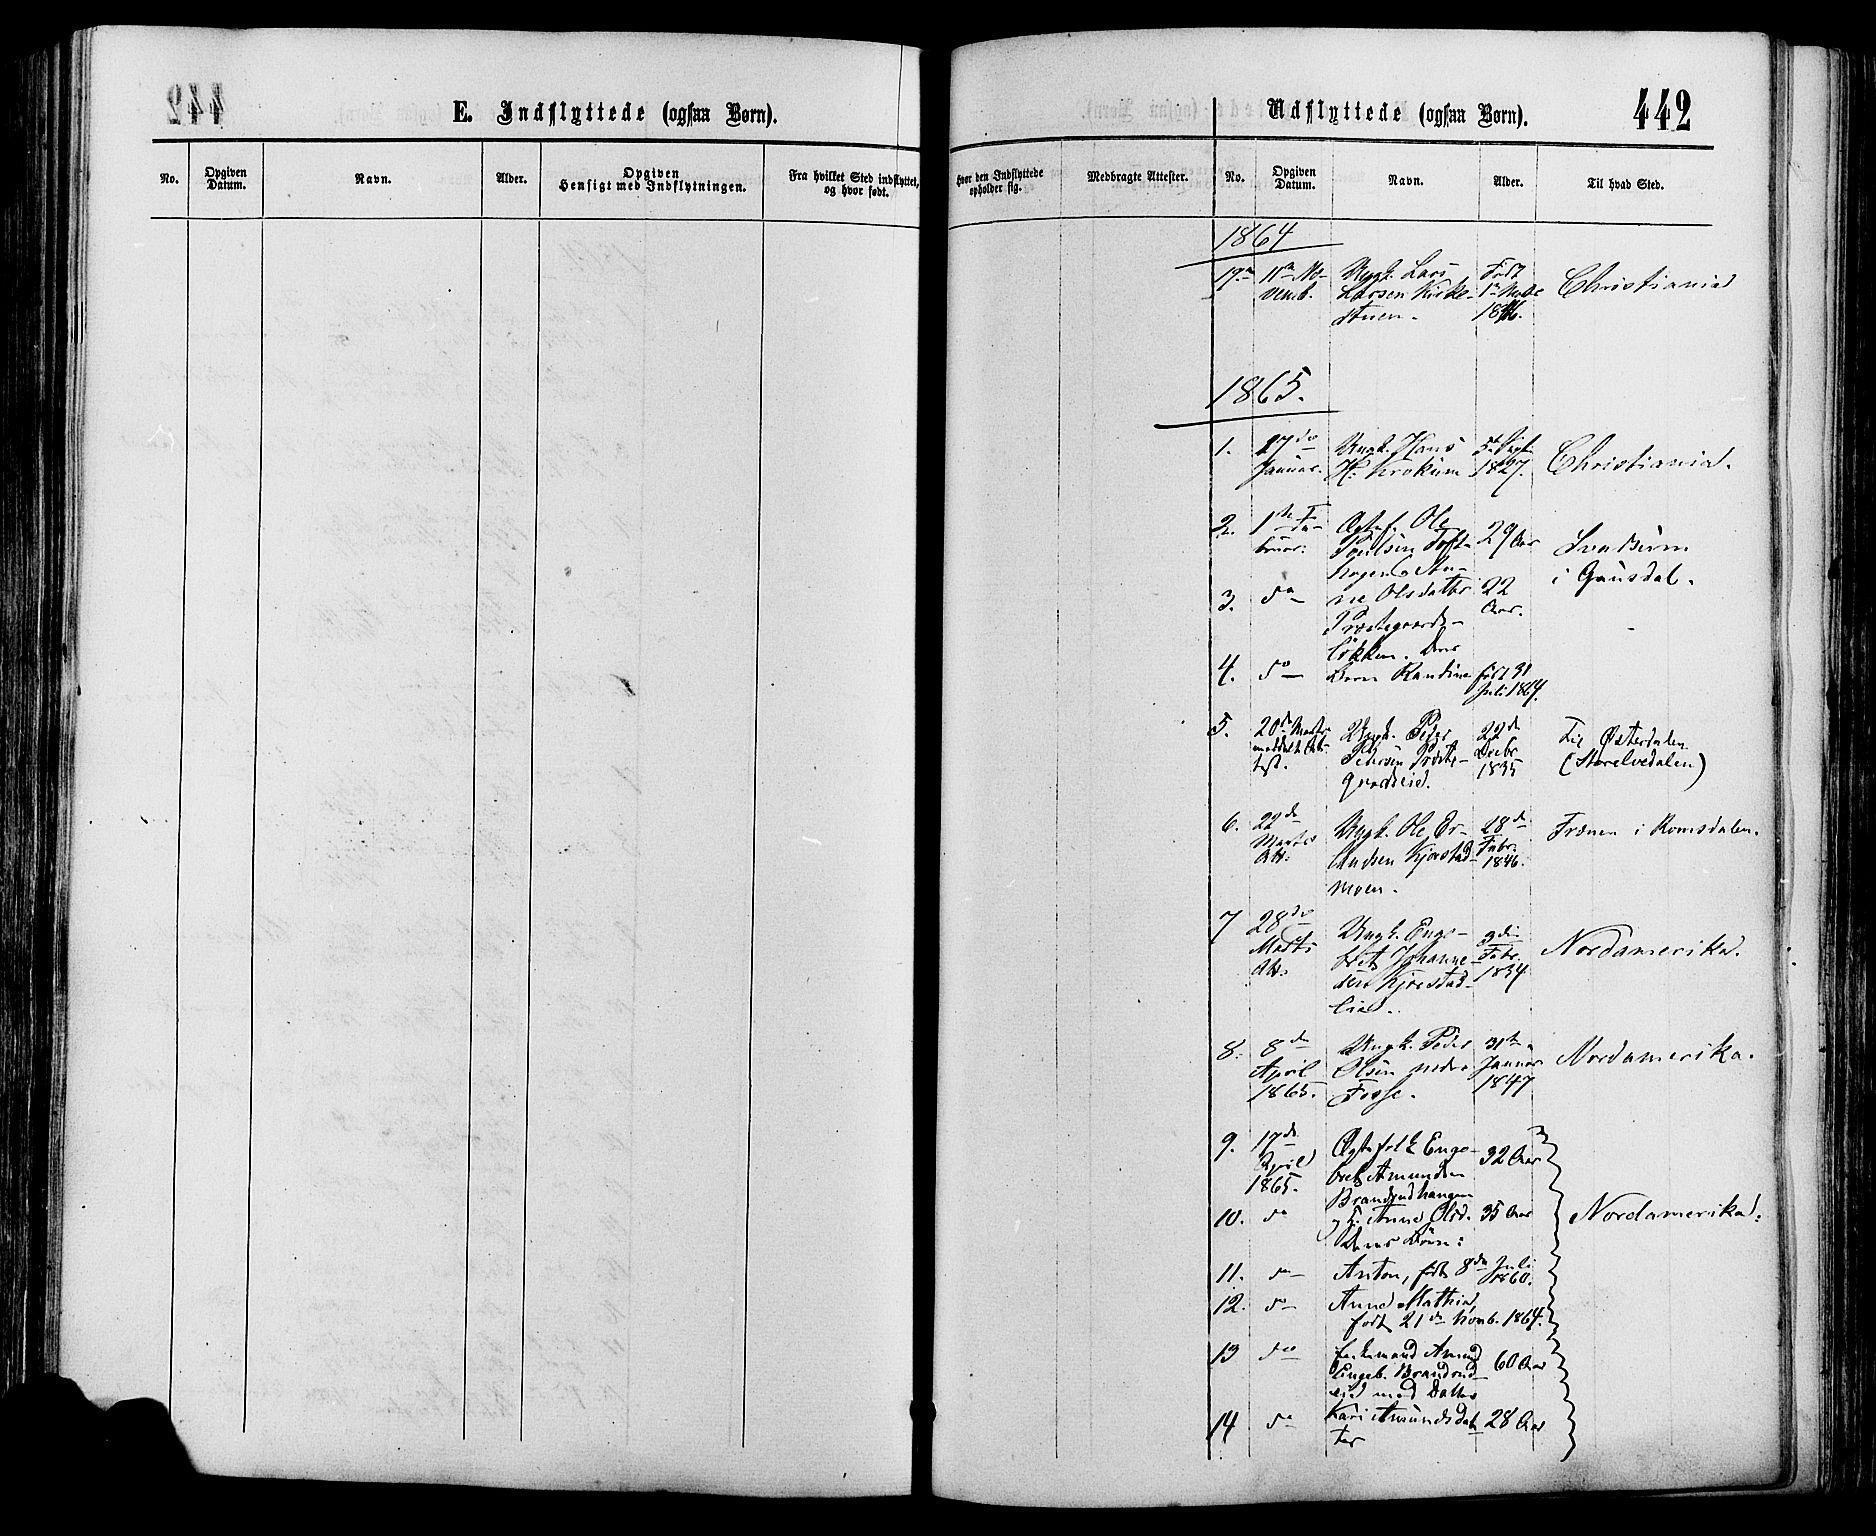 SAH, Sør-Fron prestekontor, H/Ha/Haa/L0002: Ministerialbok nr. 2, 1864-1880, s. 442